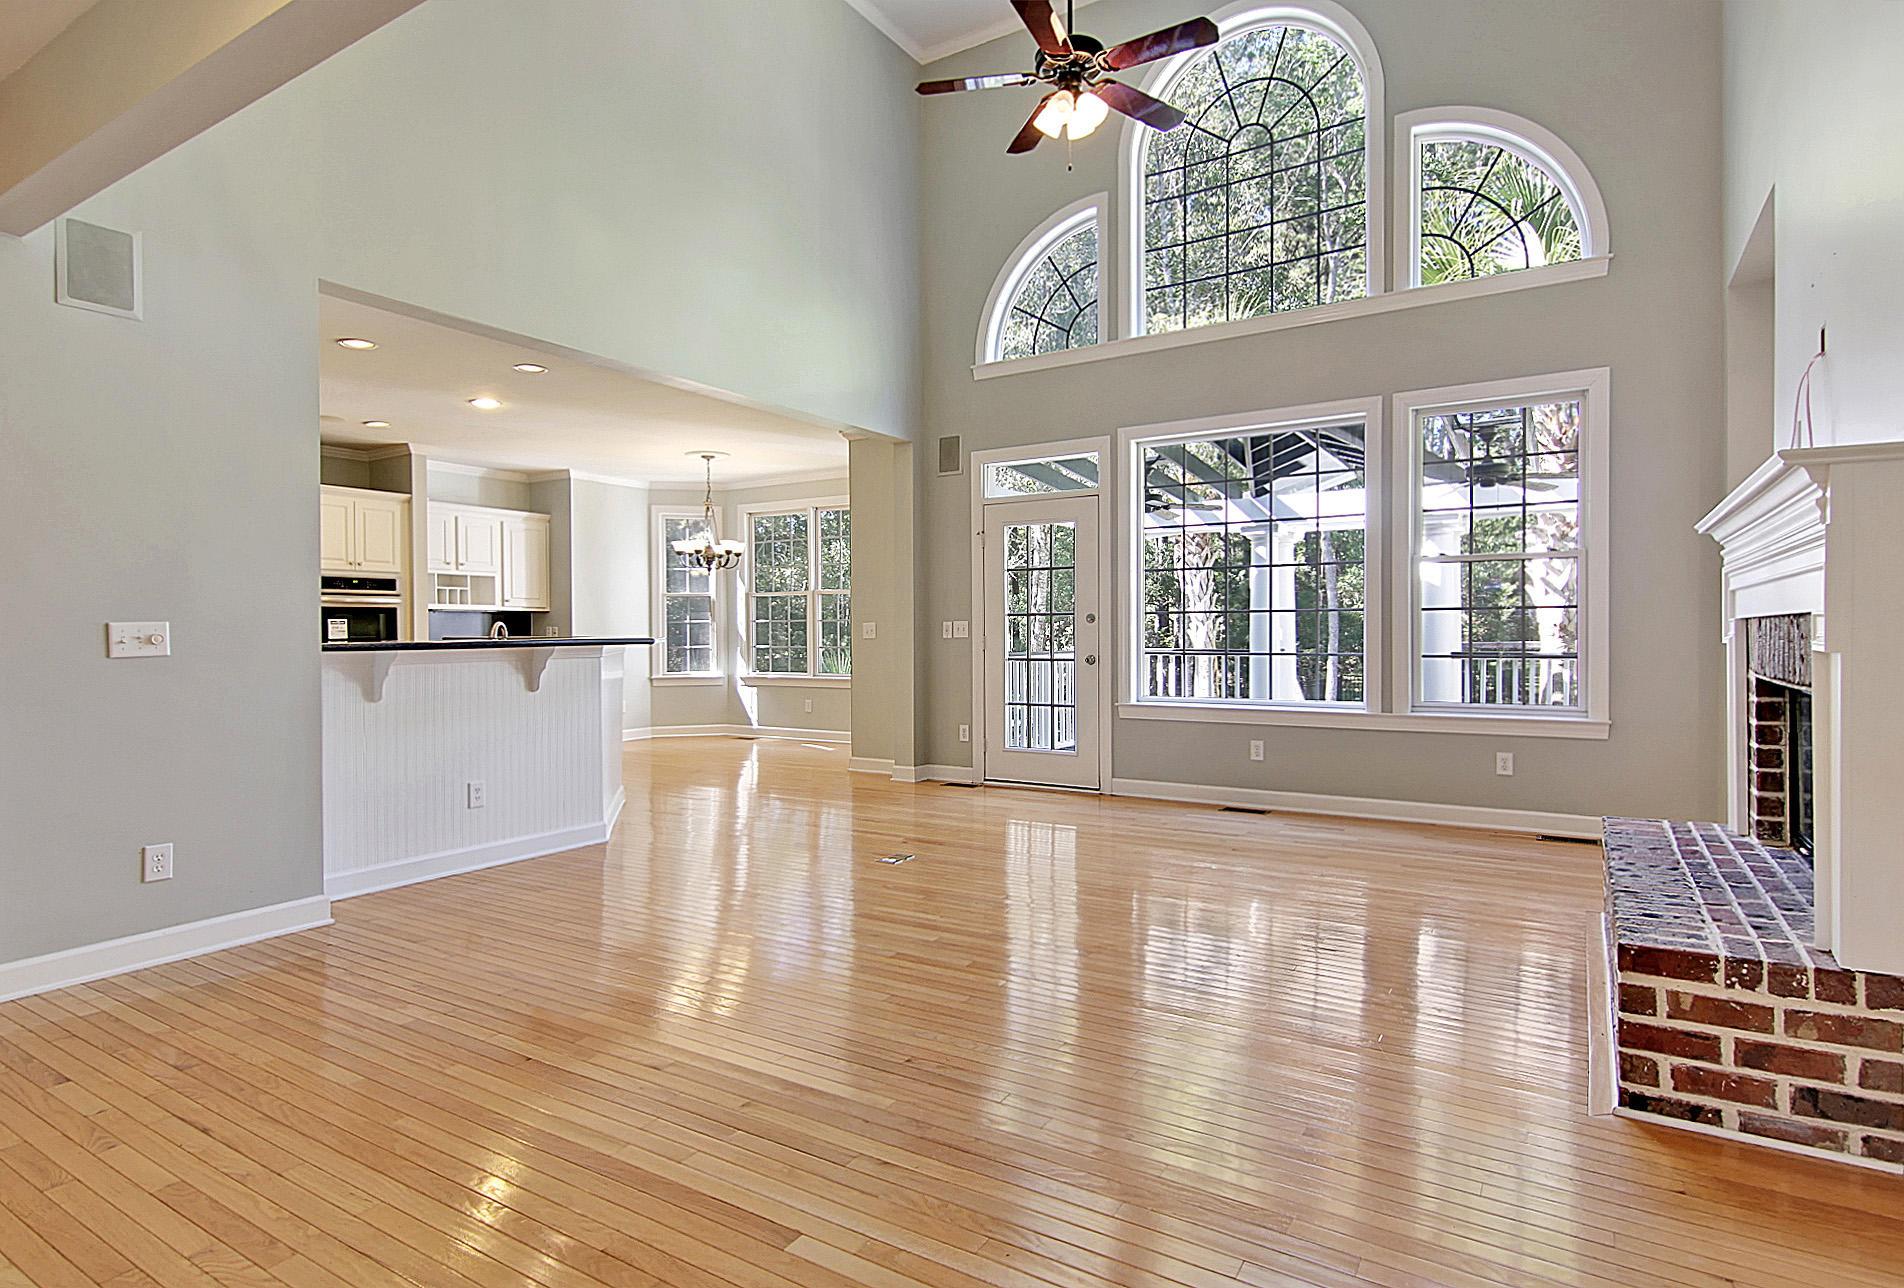 Dunes West Homes For Sale - 2236 Black Oak, Mount Pleasant, SC - 1